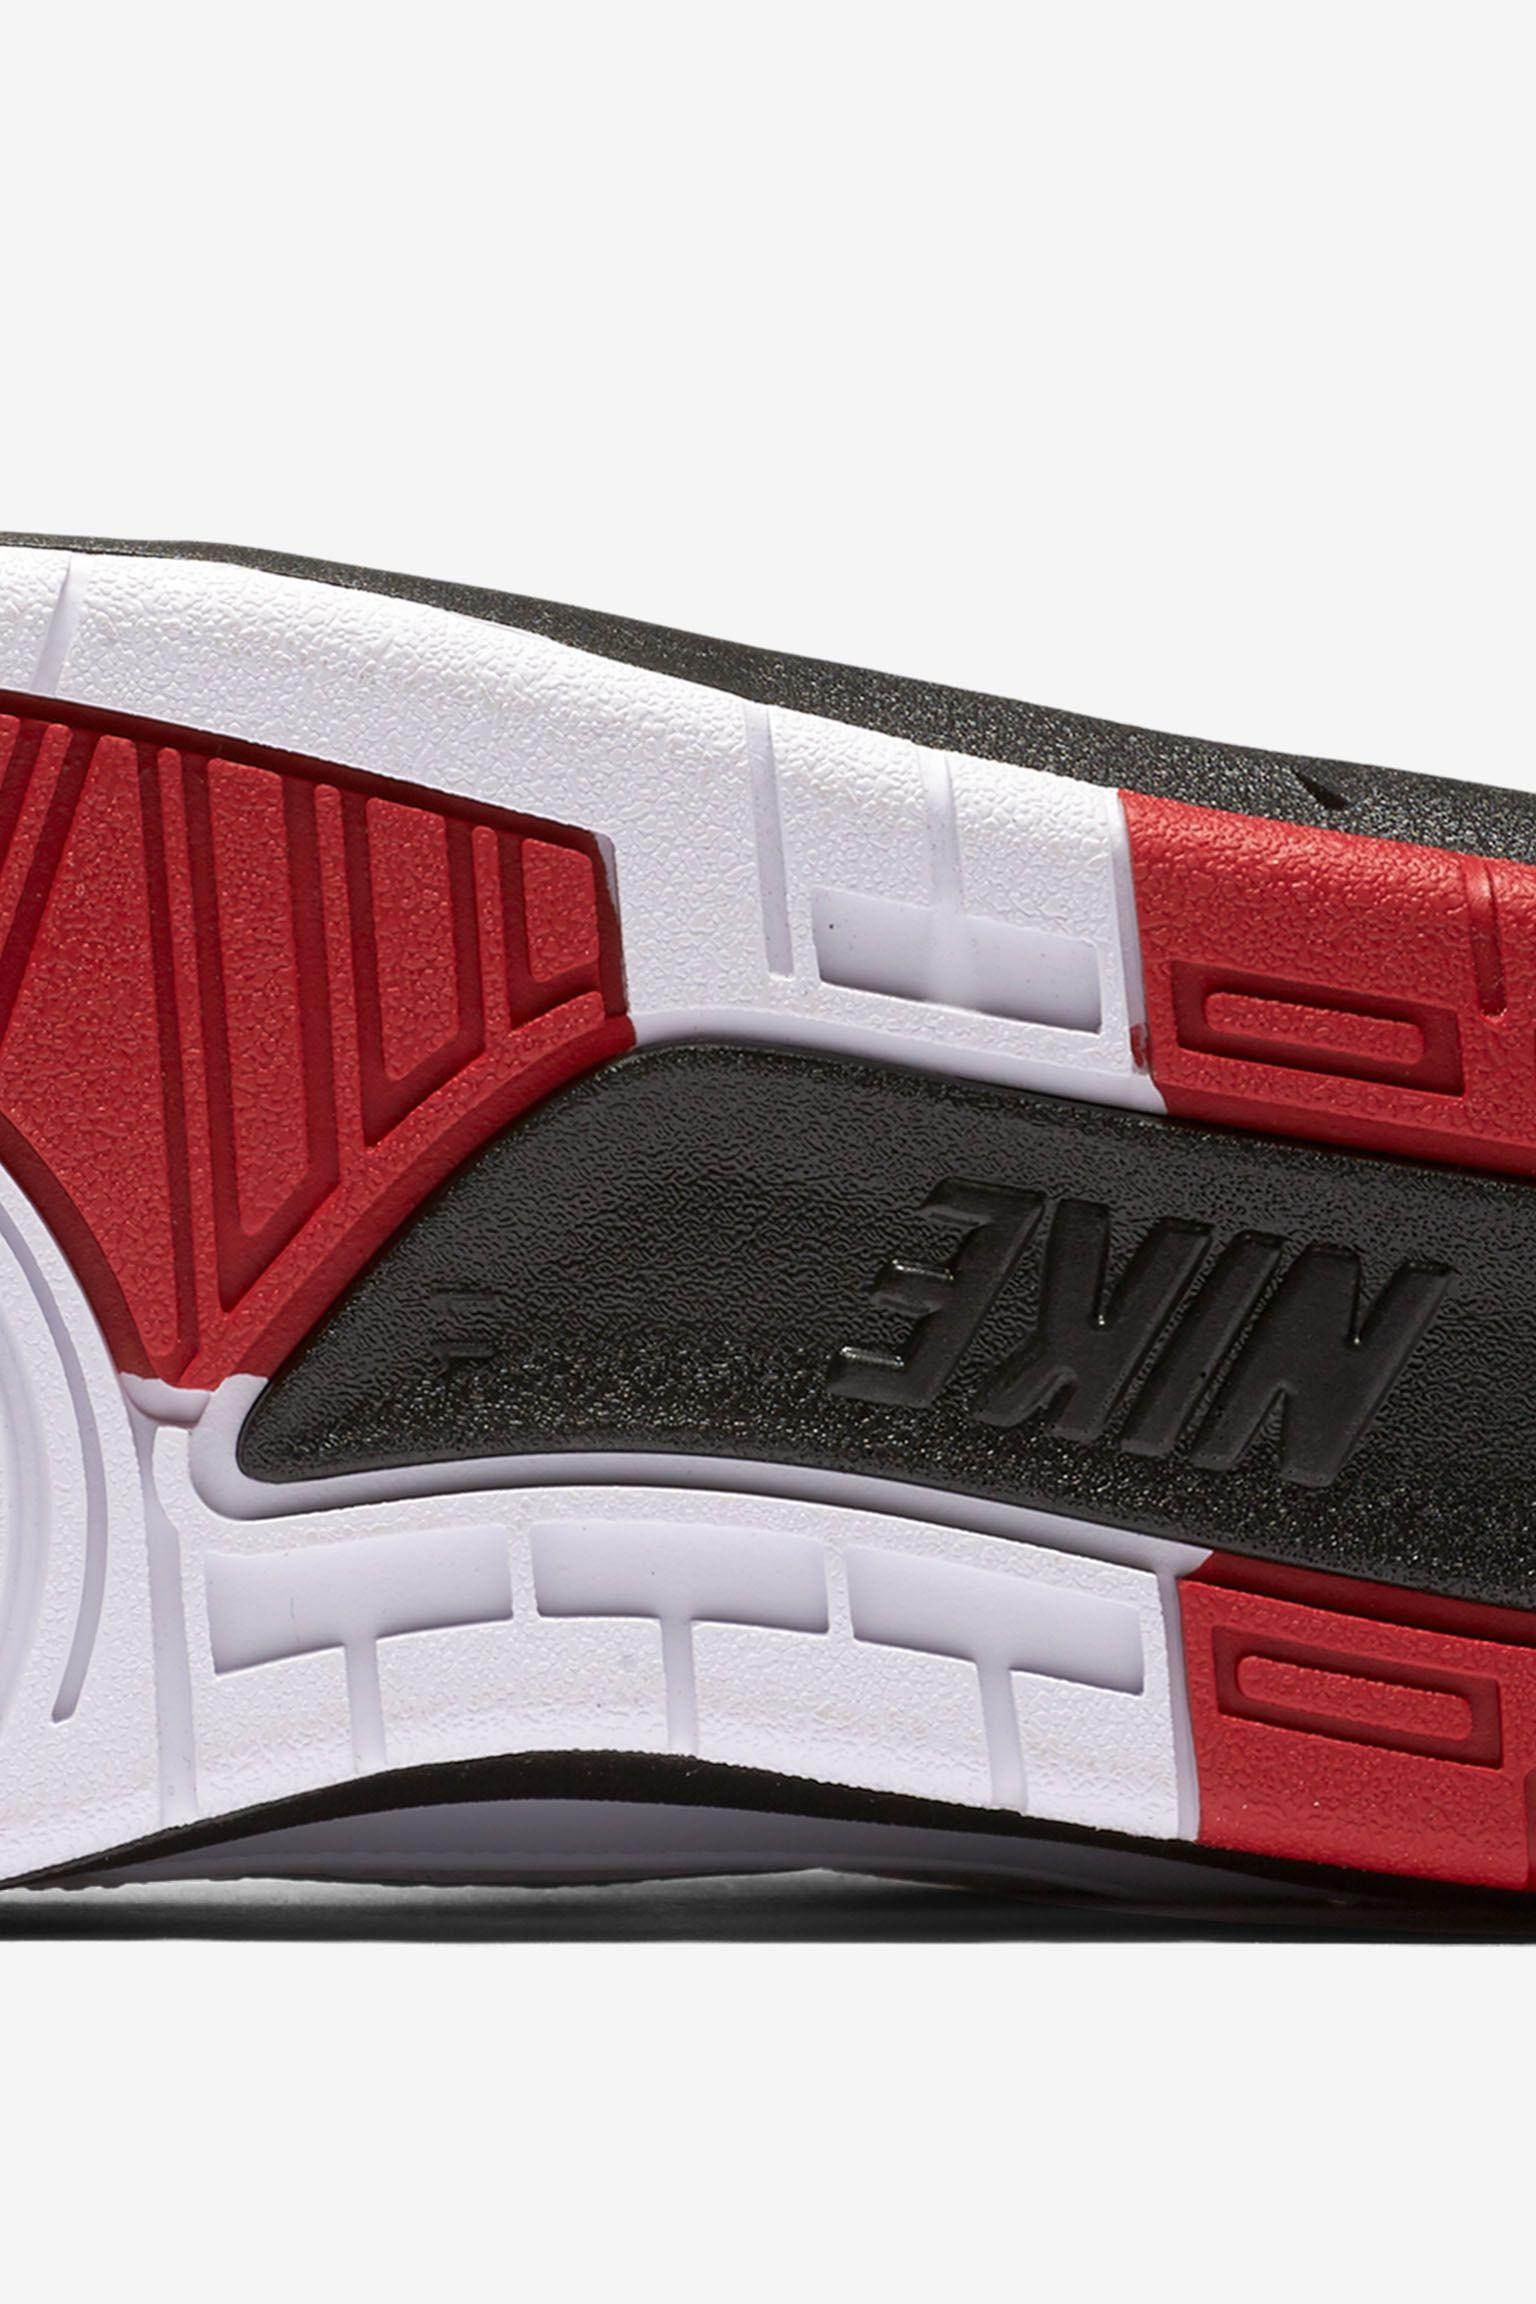 Air Jordan 2 Retro Low 'Original' Release Date